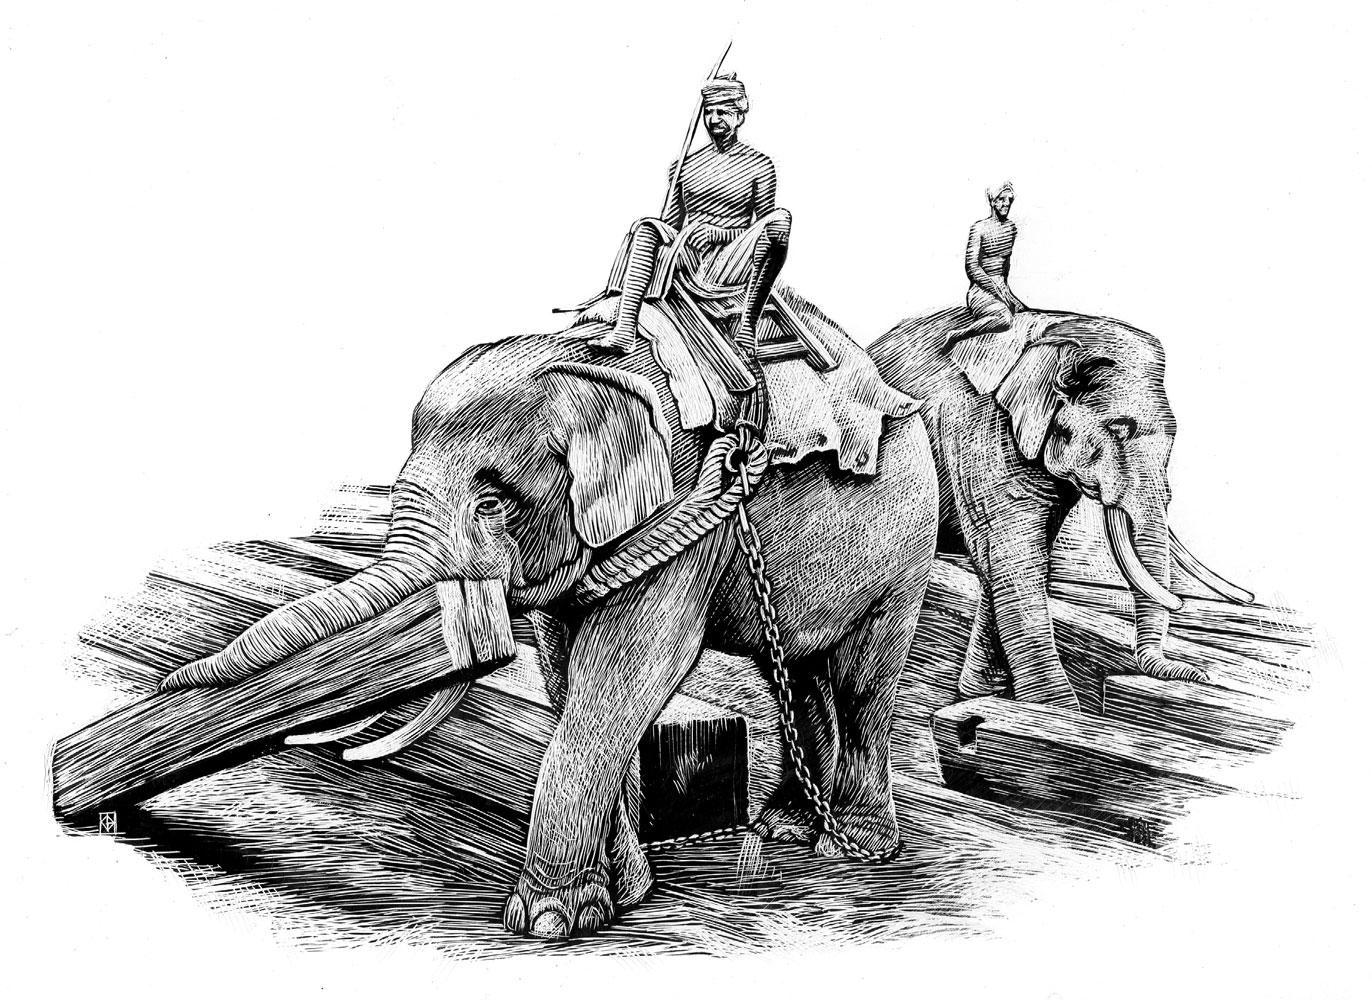 Richard Solomon - Kent-Barton-154-working-elephants004